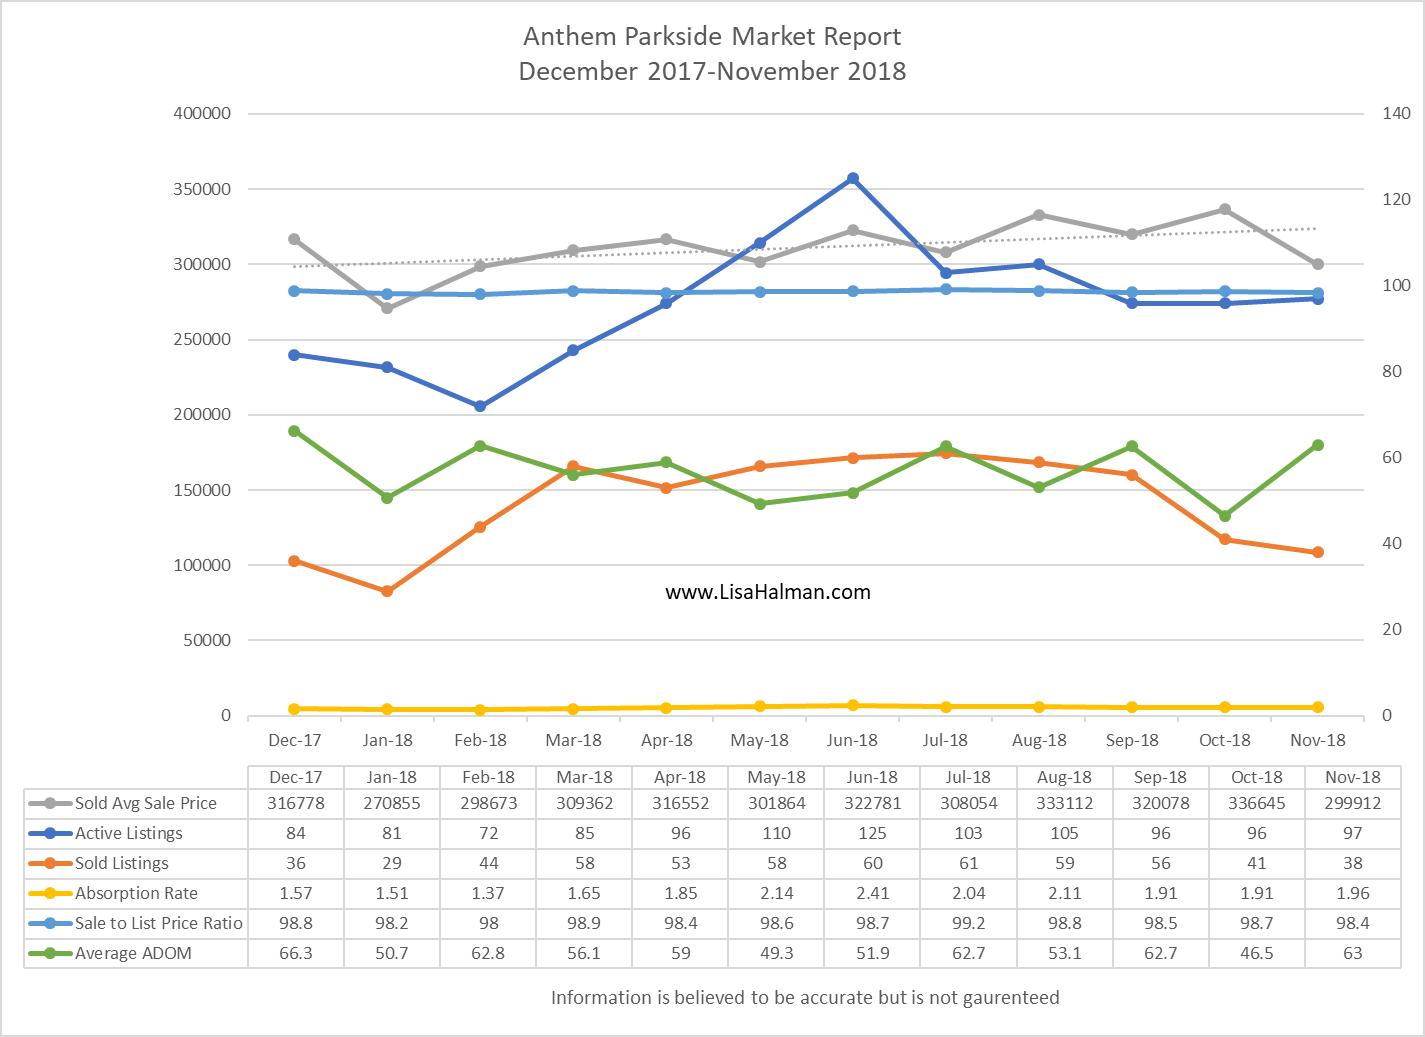 Anthem Parkside Market Update November 2018